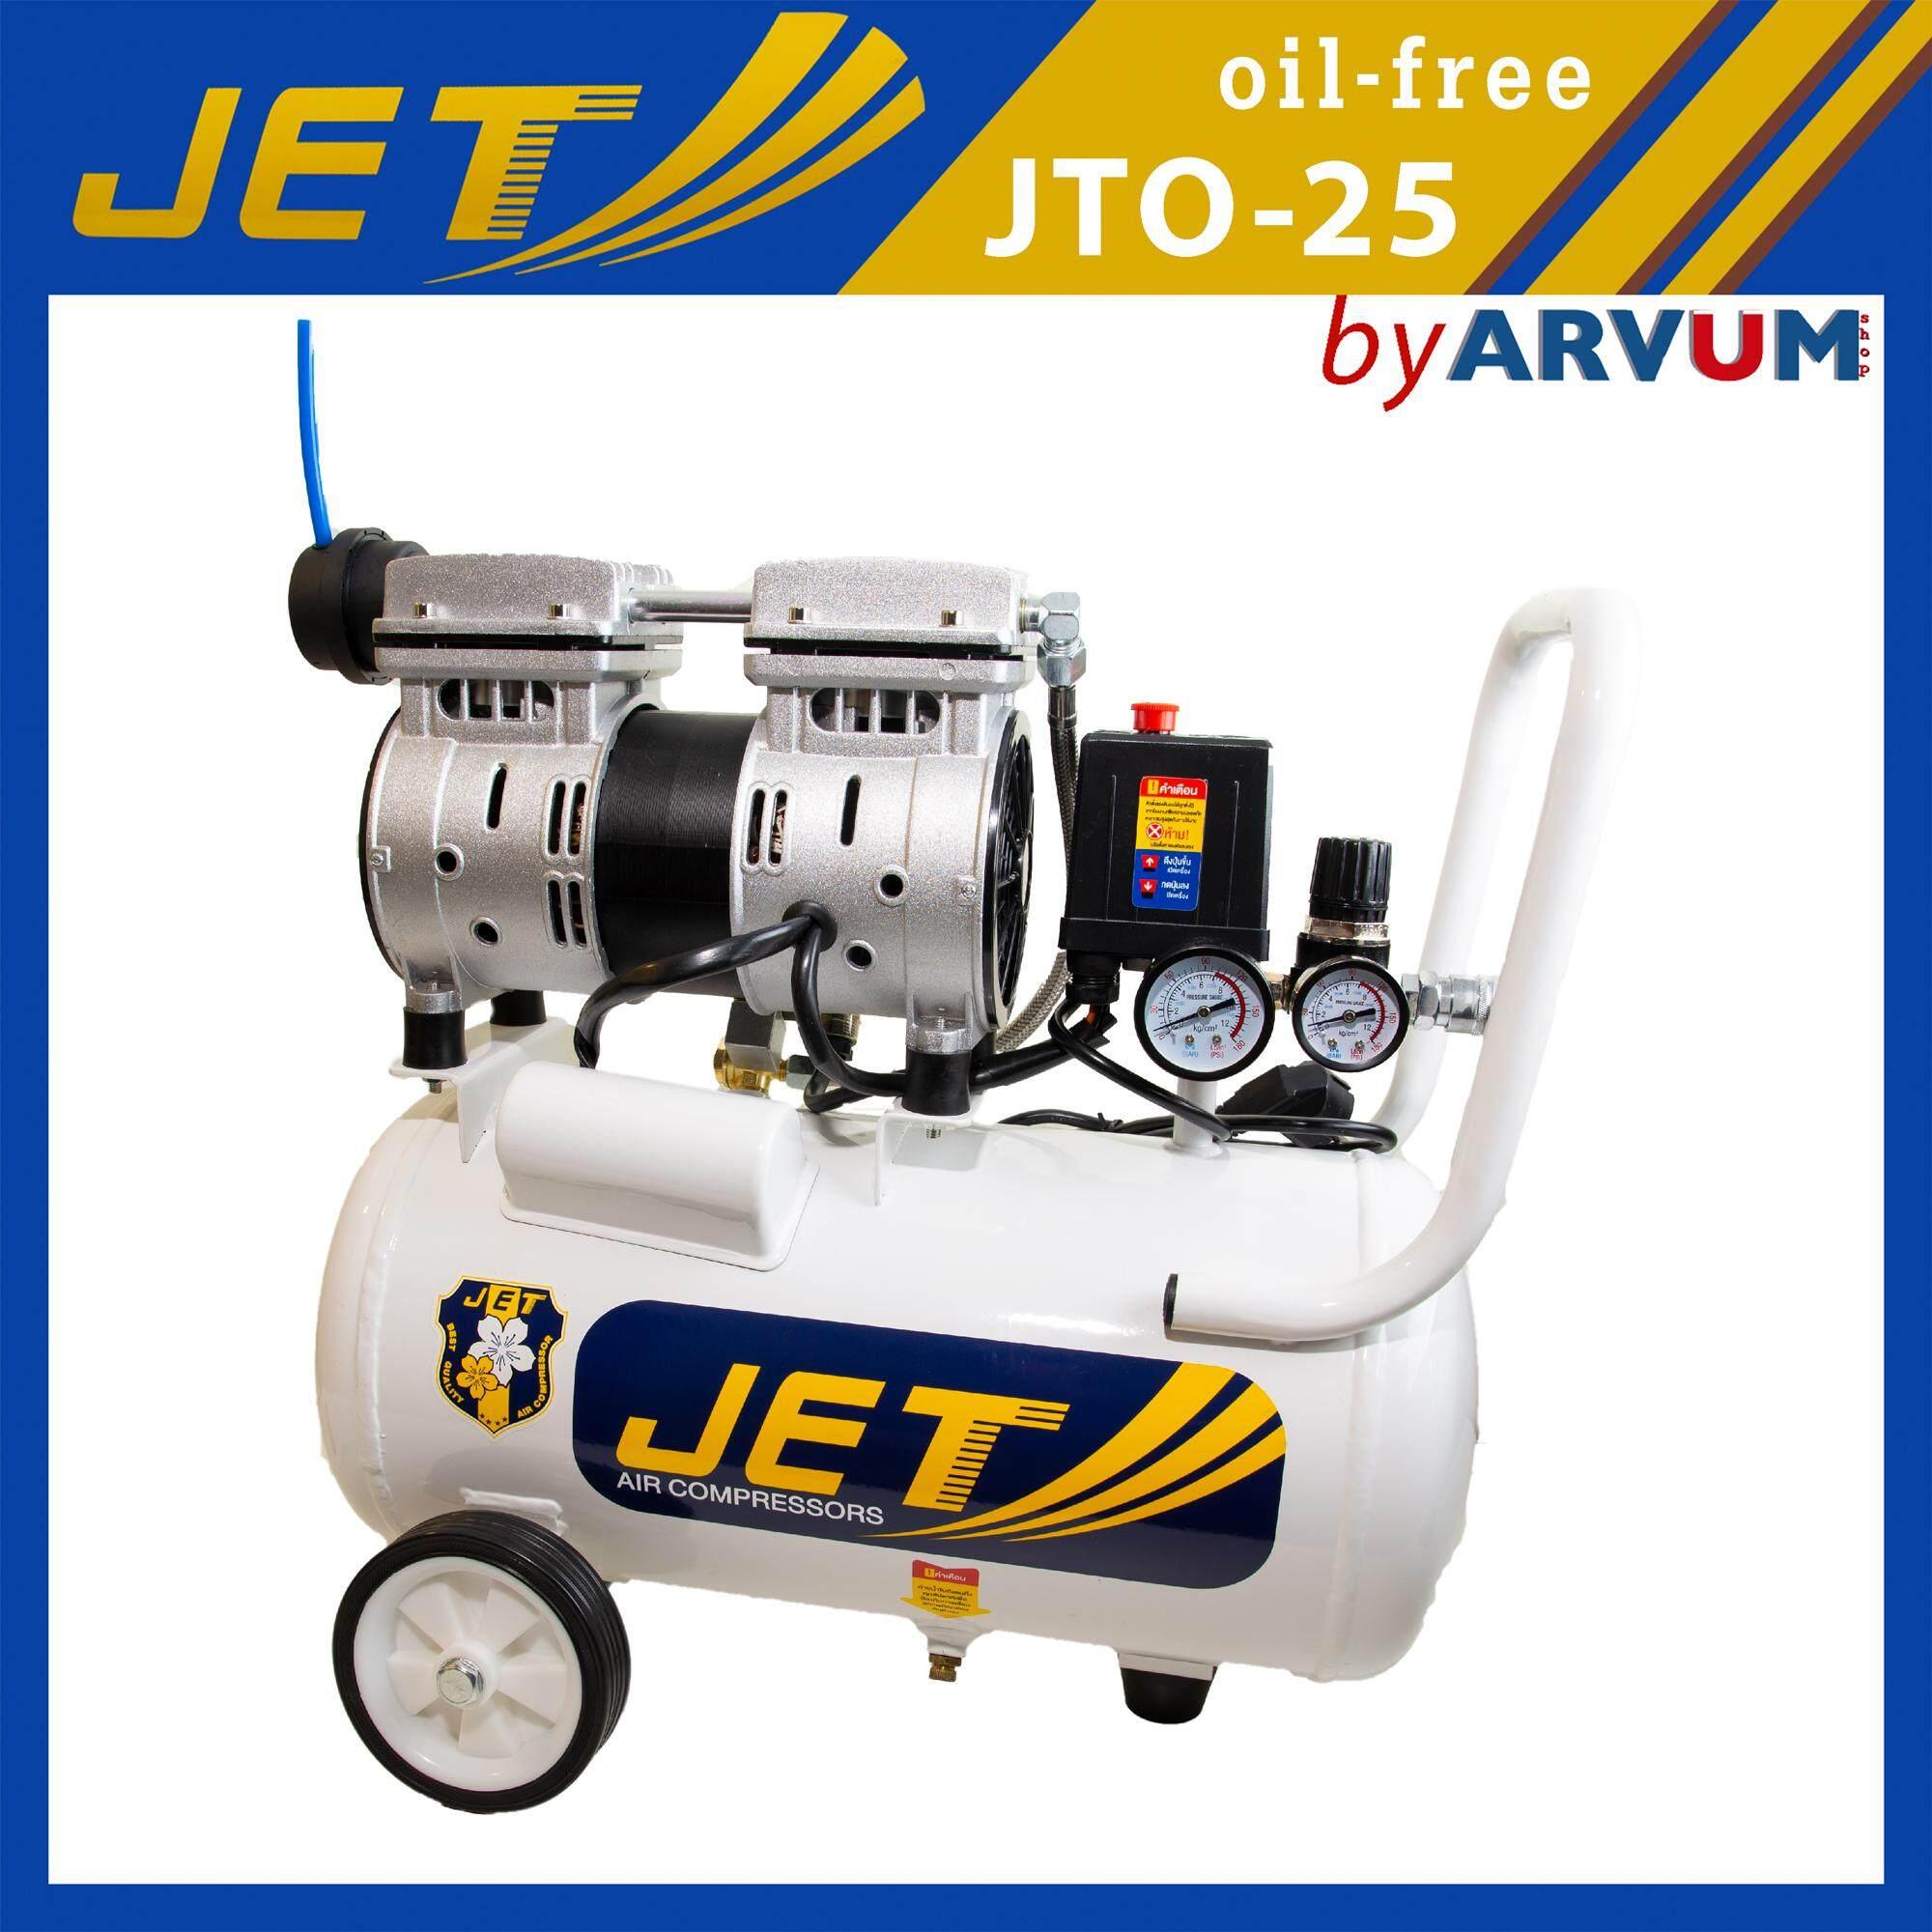 Jet ปั๊มลม ออยฟรี (oil Free) ไม่ใช้น้ำมัน สูบเดียว เสียงเงียบ 550 W 25 ลิตร รุ่น Jto-25.